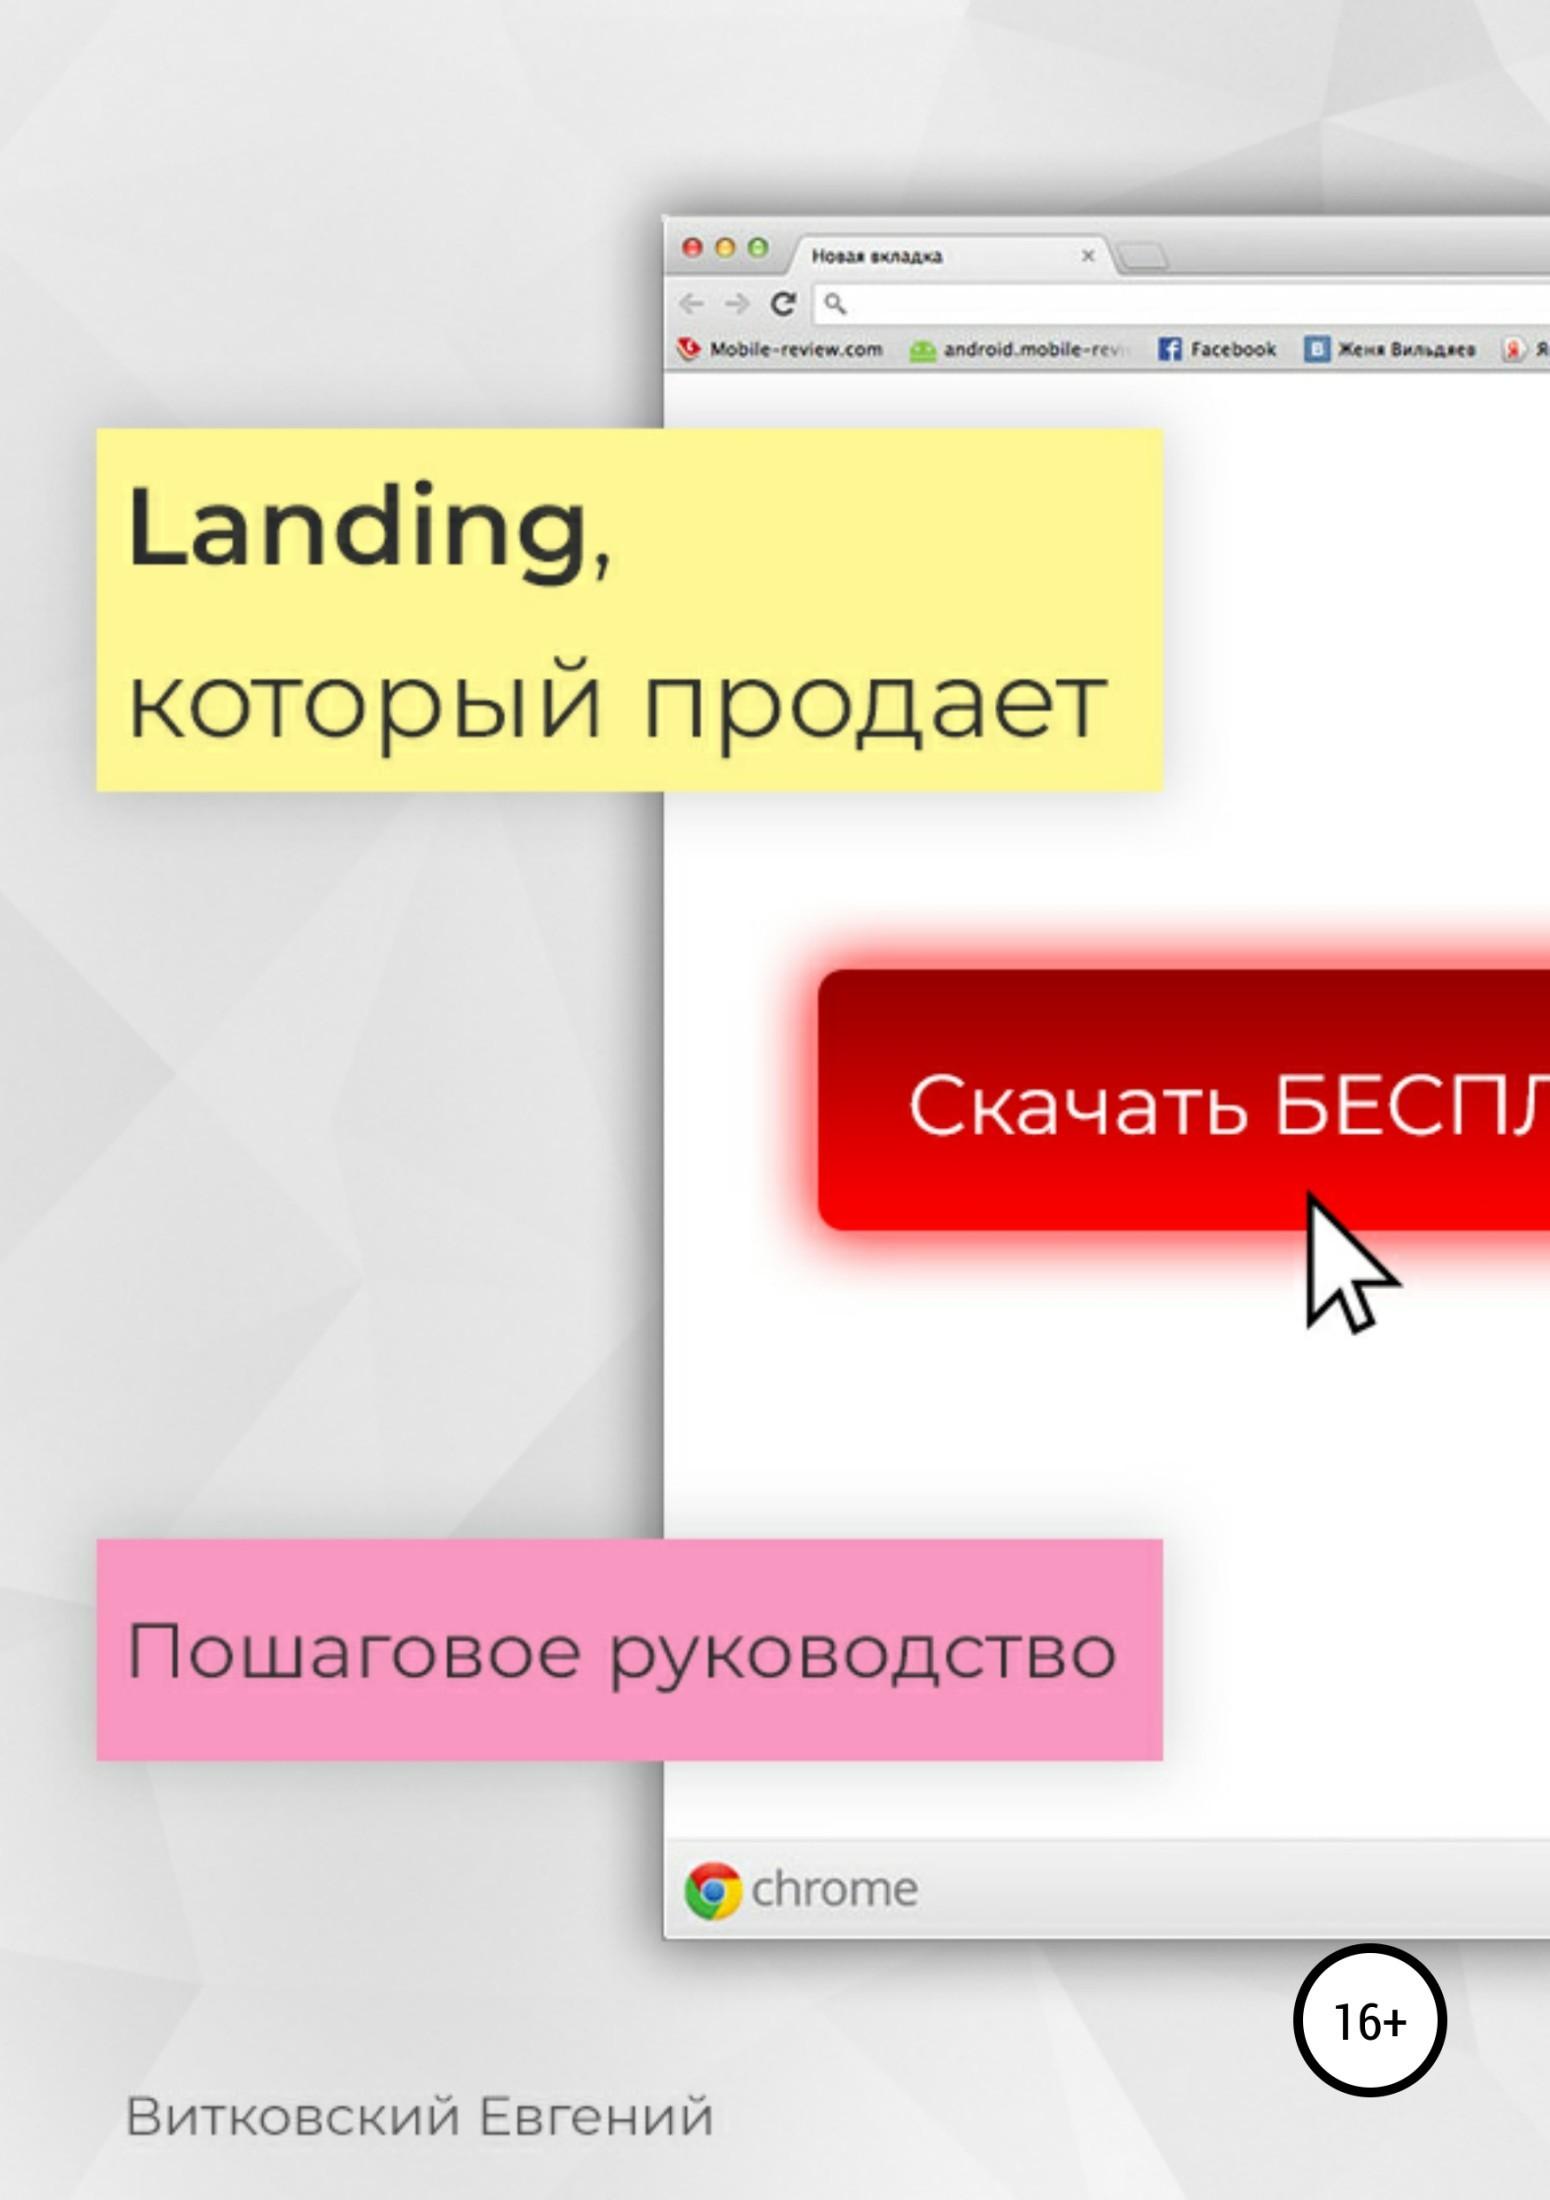 Landing, который продает. Пошаговое руководство